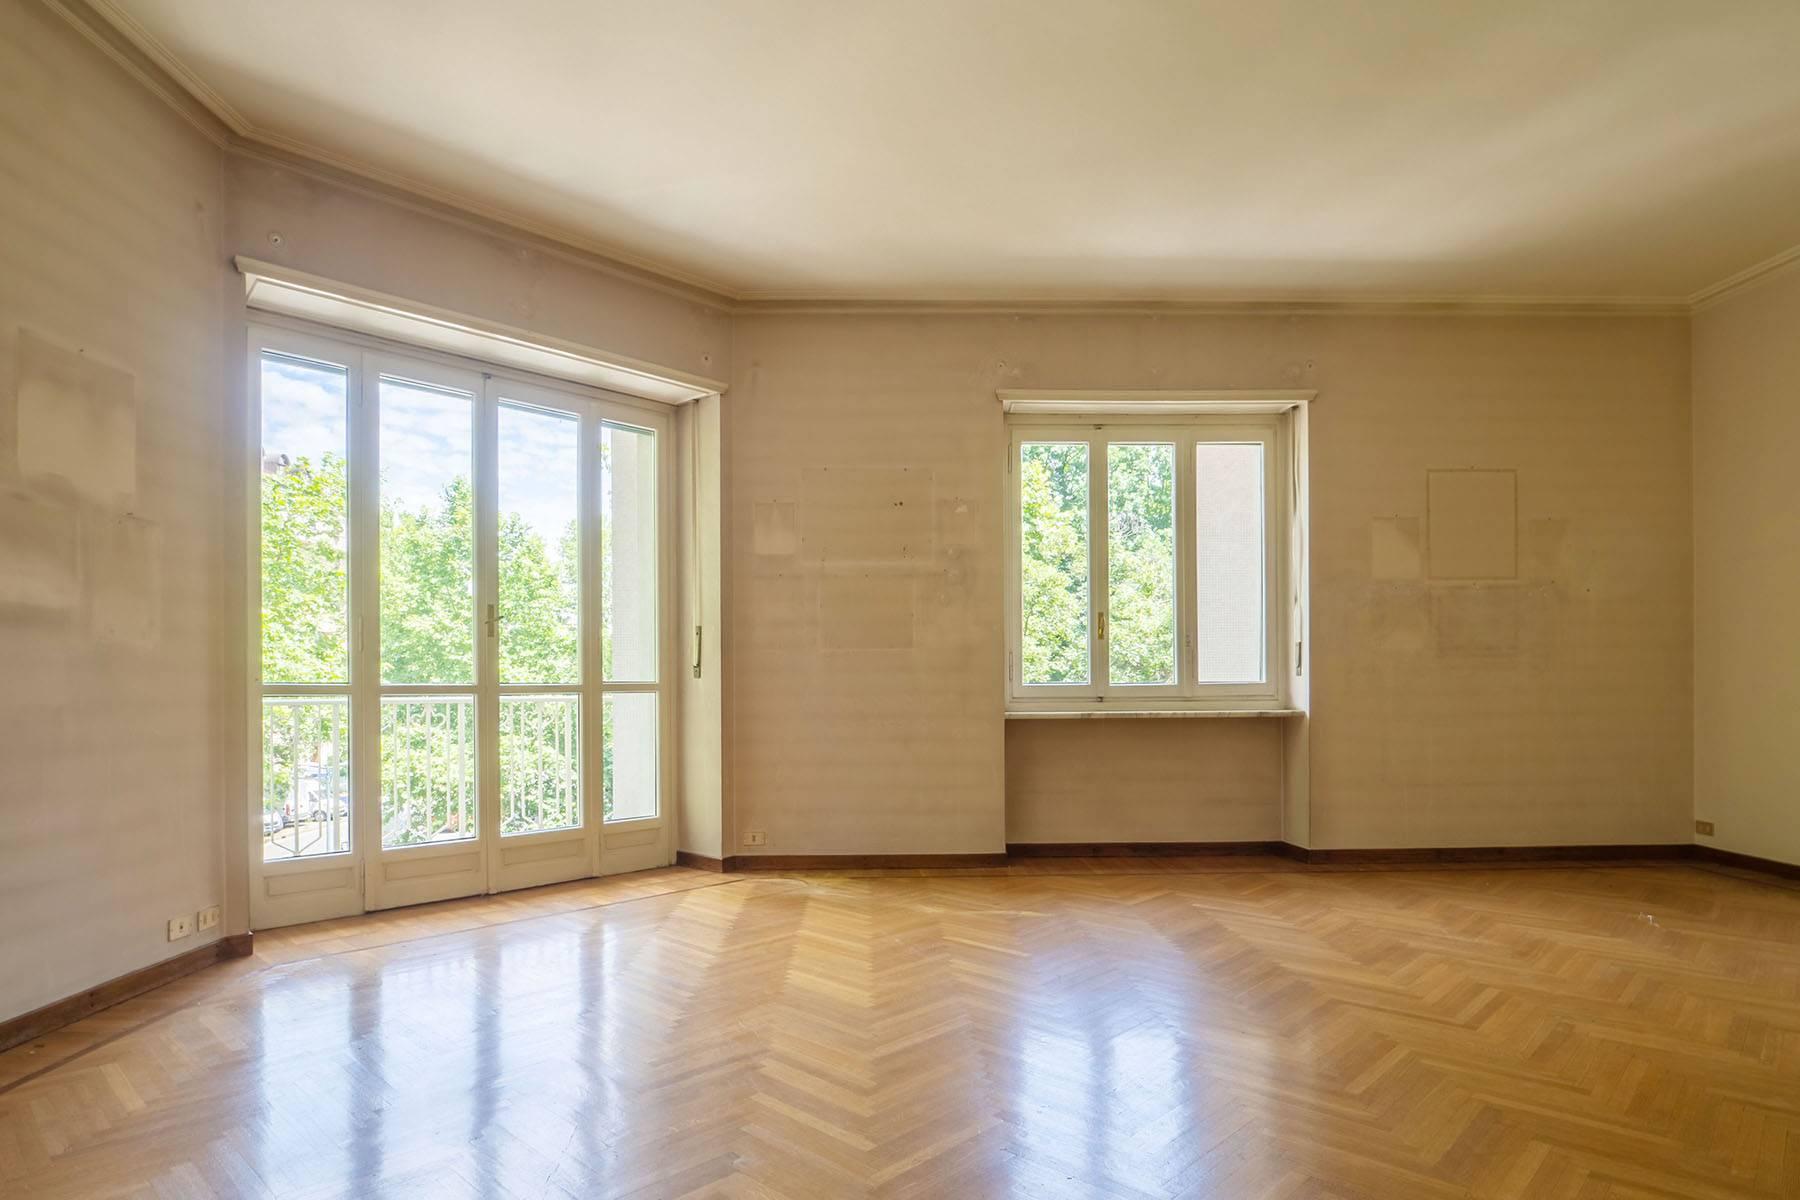 Appartamento in Vendita a Torino: 4 locali, 181 mq - Foto 5